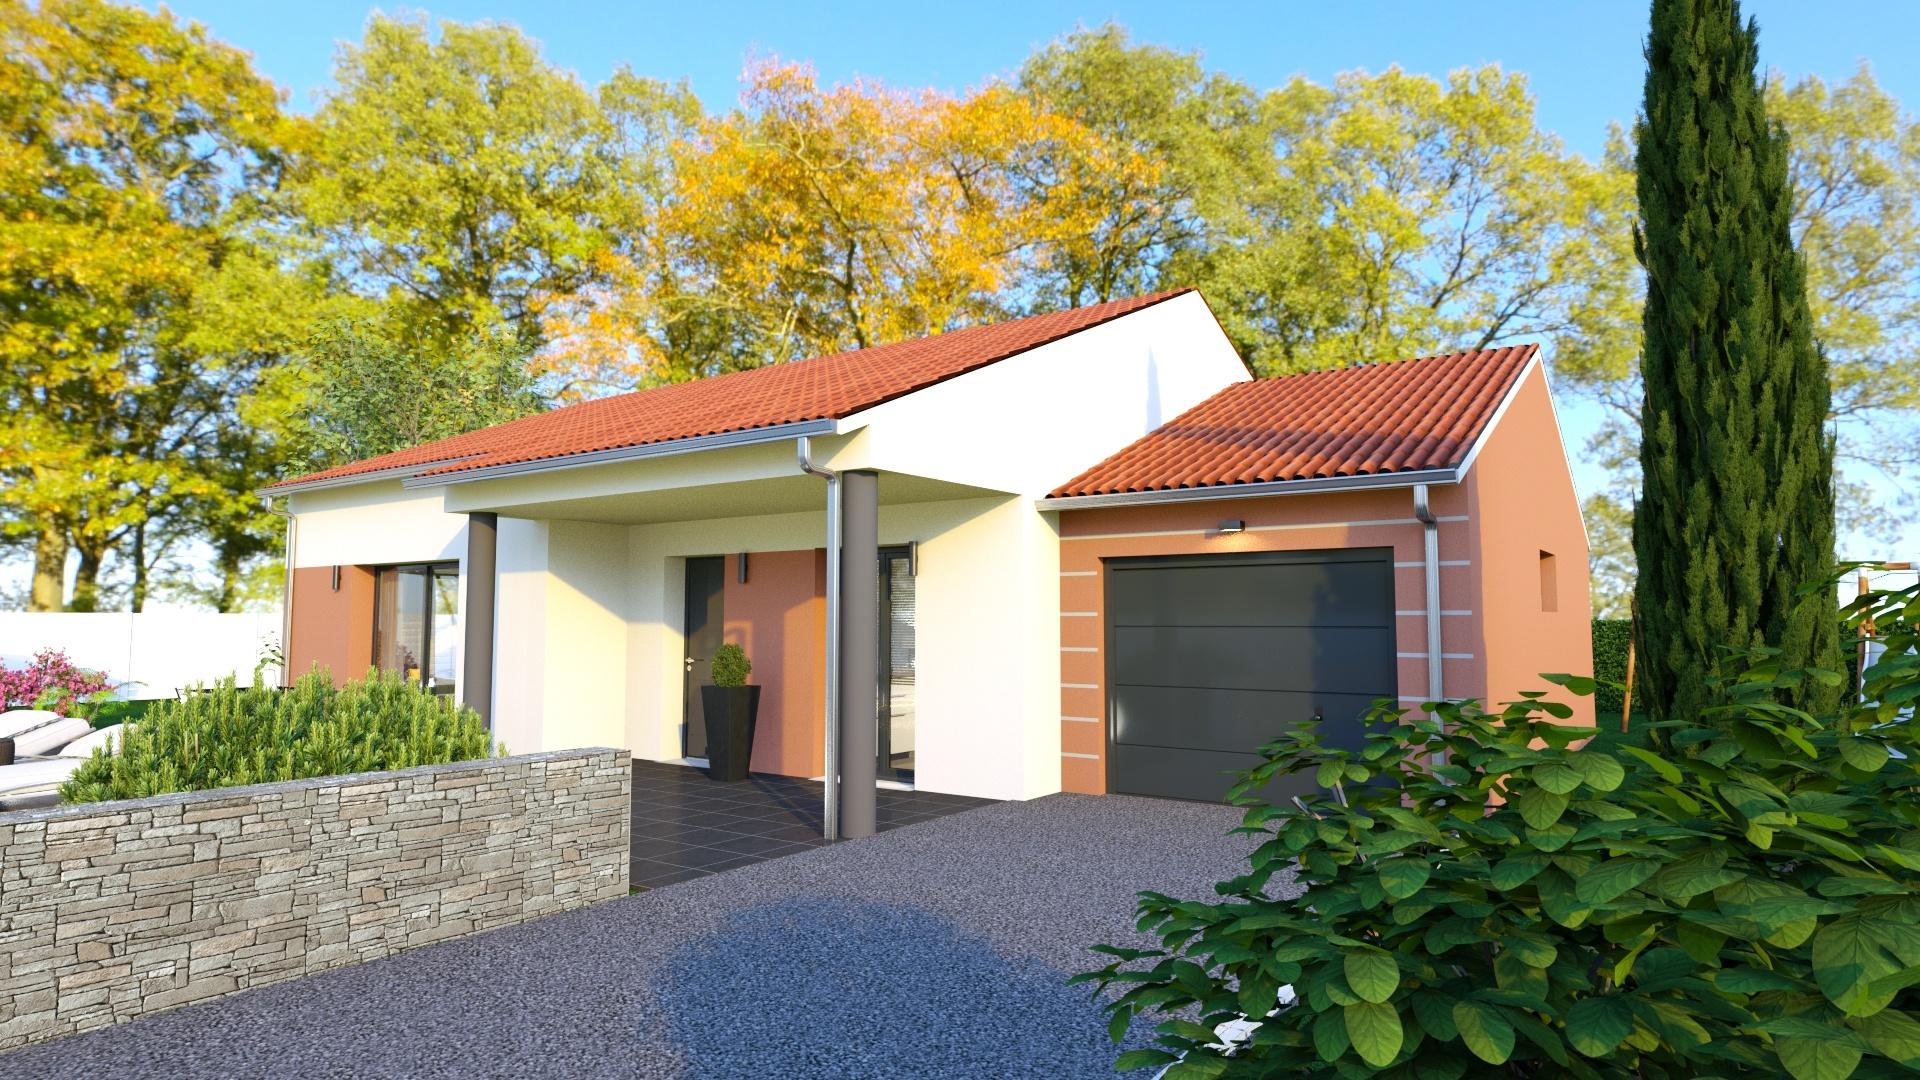 Maisons + Terrains du constructeur MAISONS D EN FRANCE - MONISTROL SUR LOIRE • 90 m² • BEAULIEU